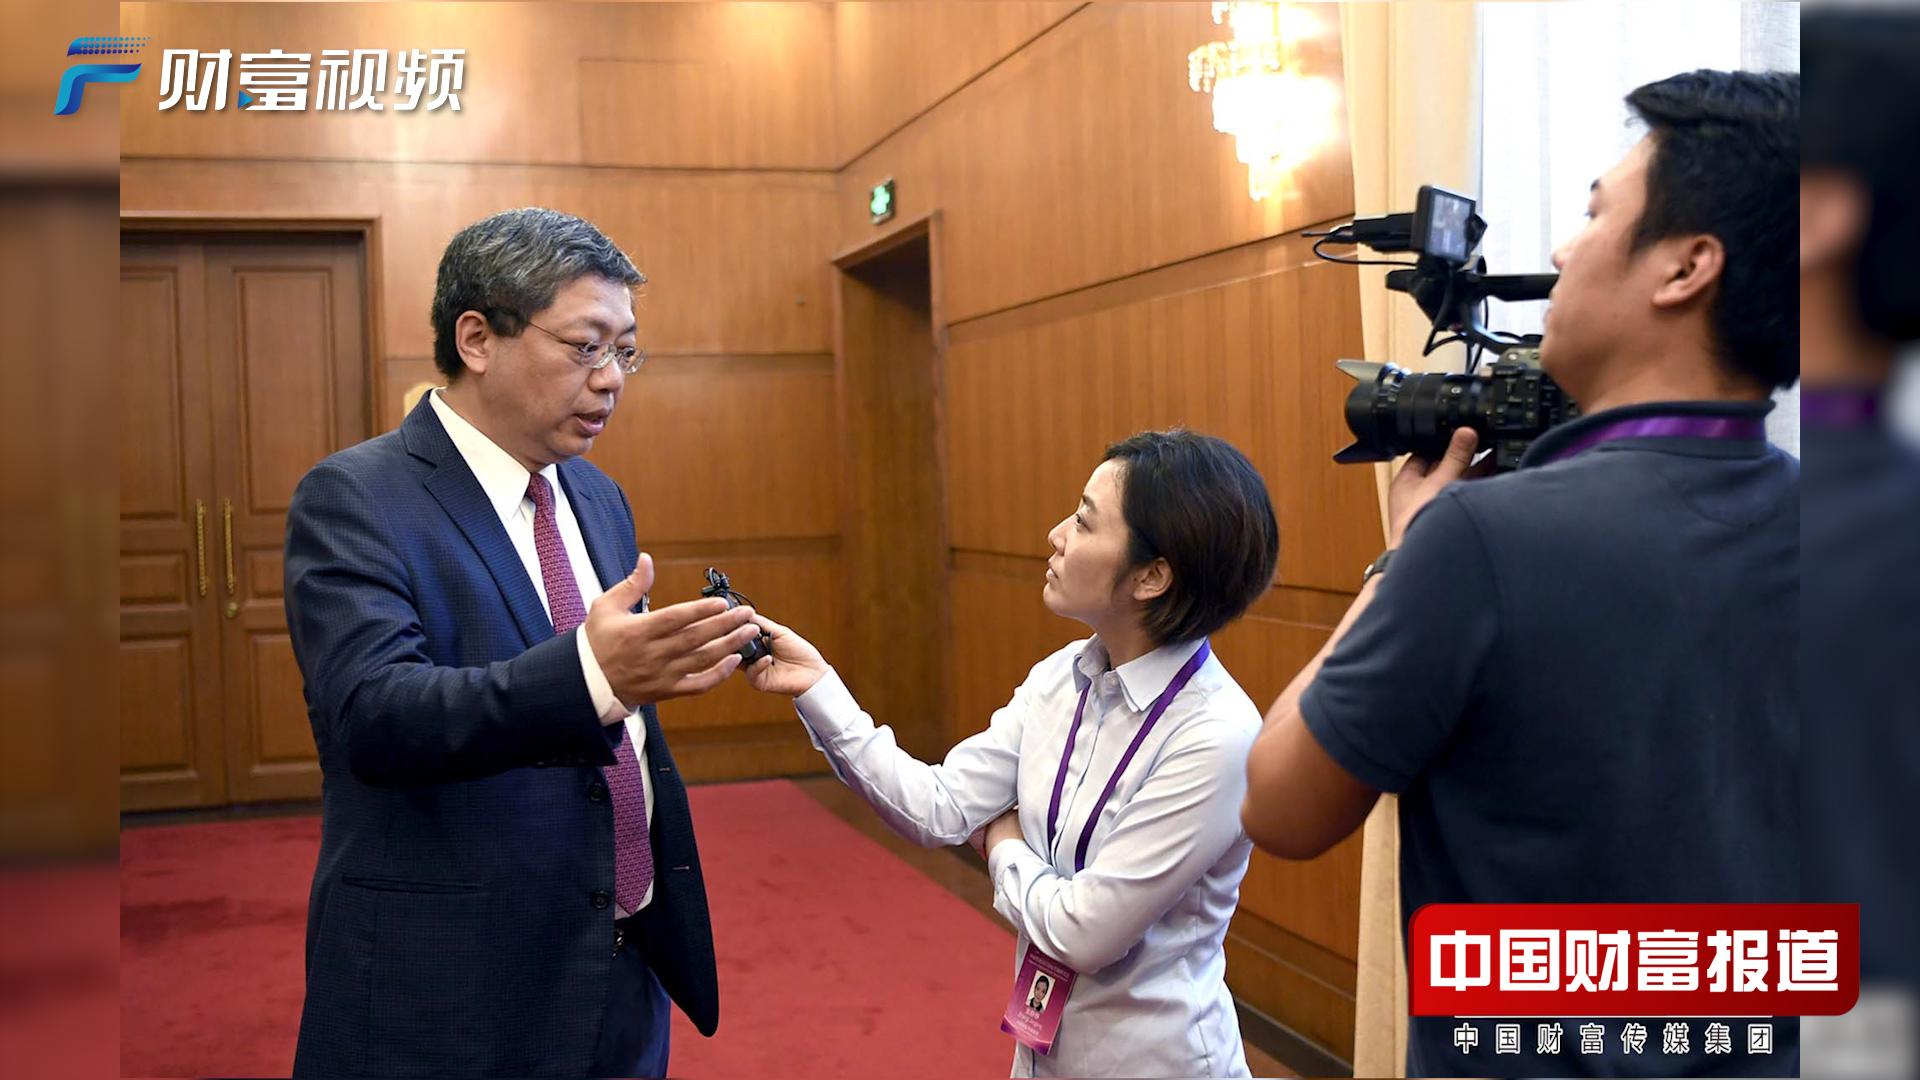 【中国财富报道】巴曙松:资金再配置 中国债市符合国际主流投资者选择